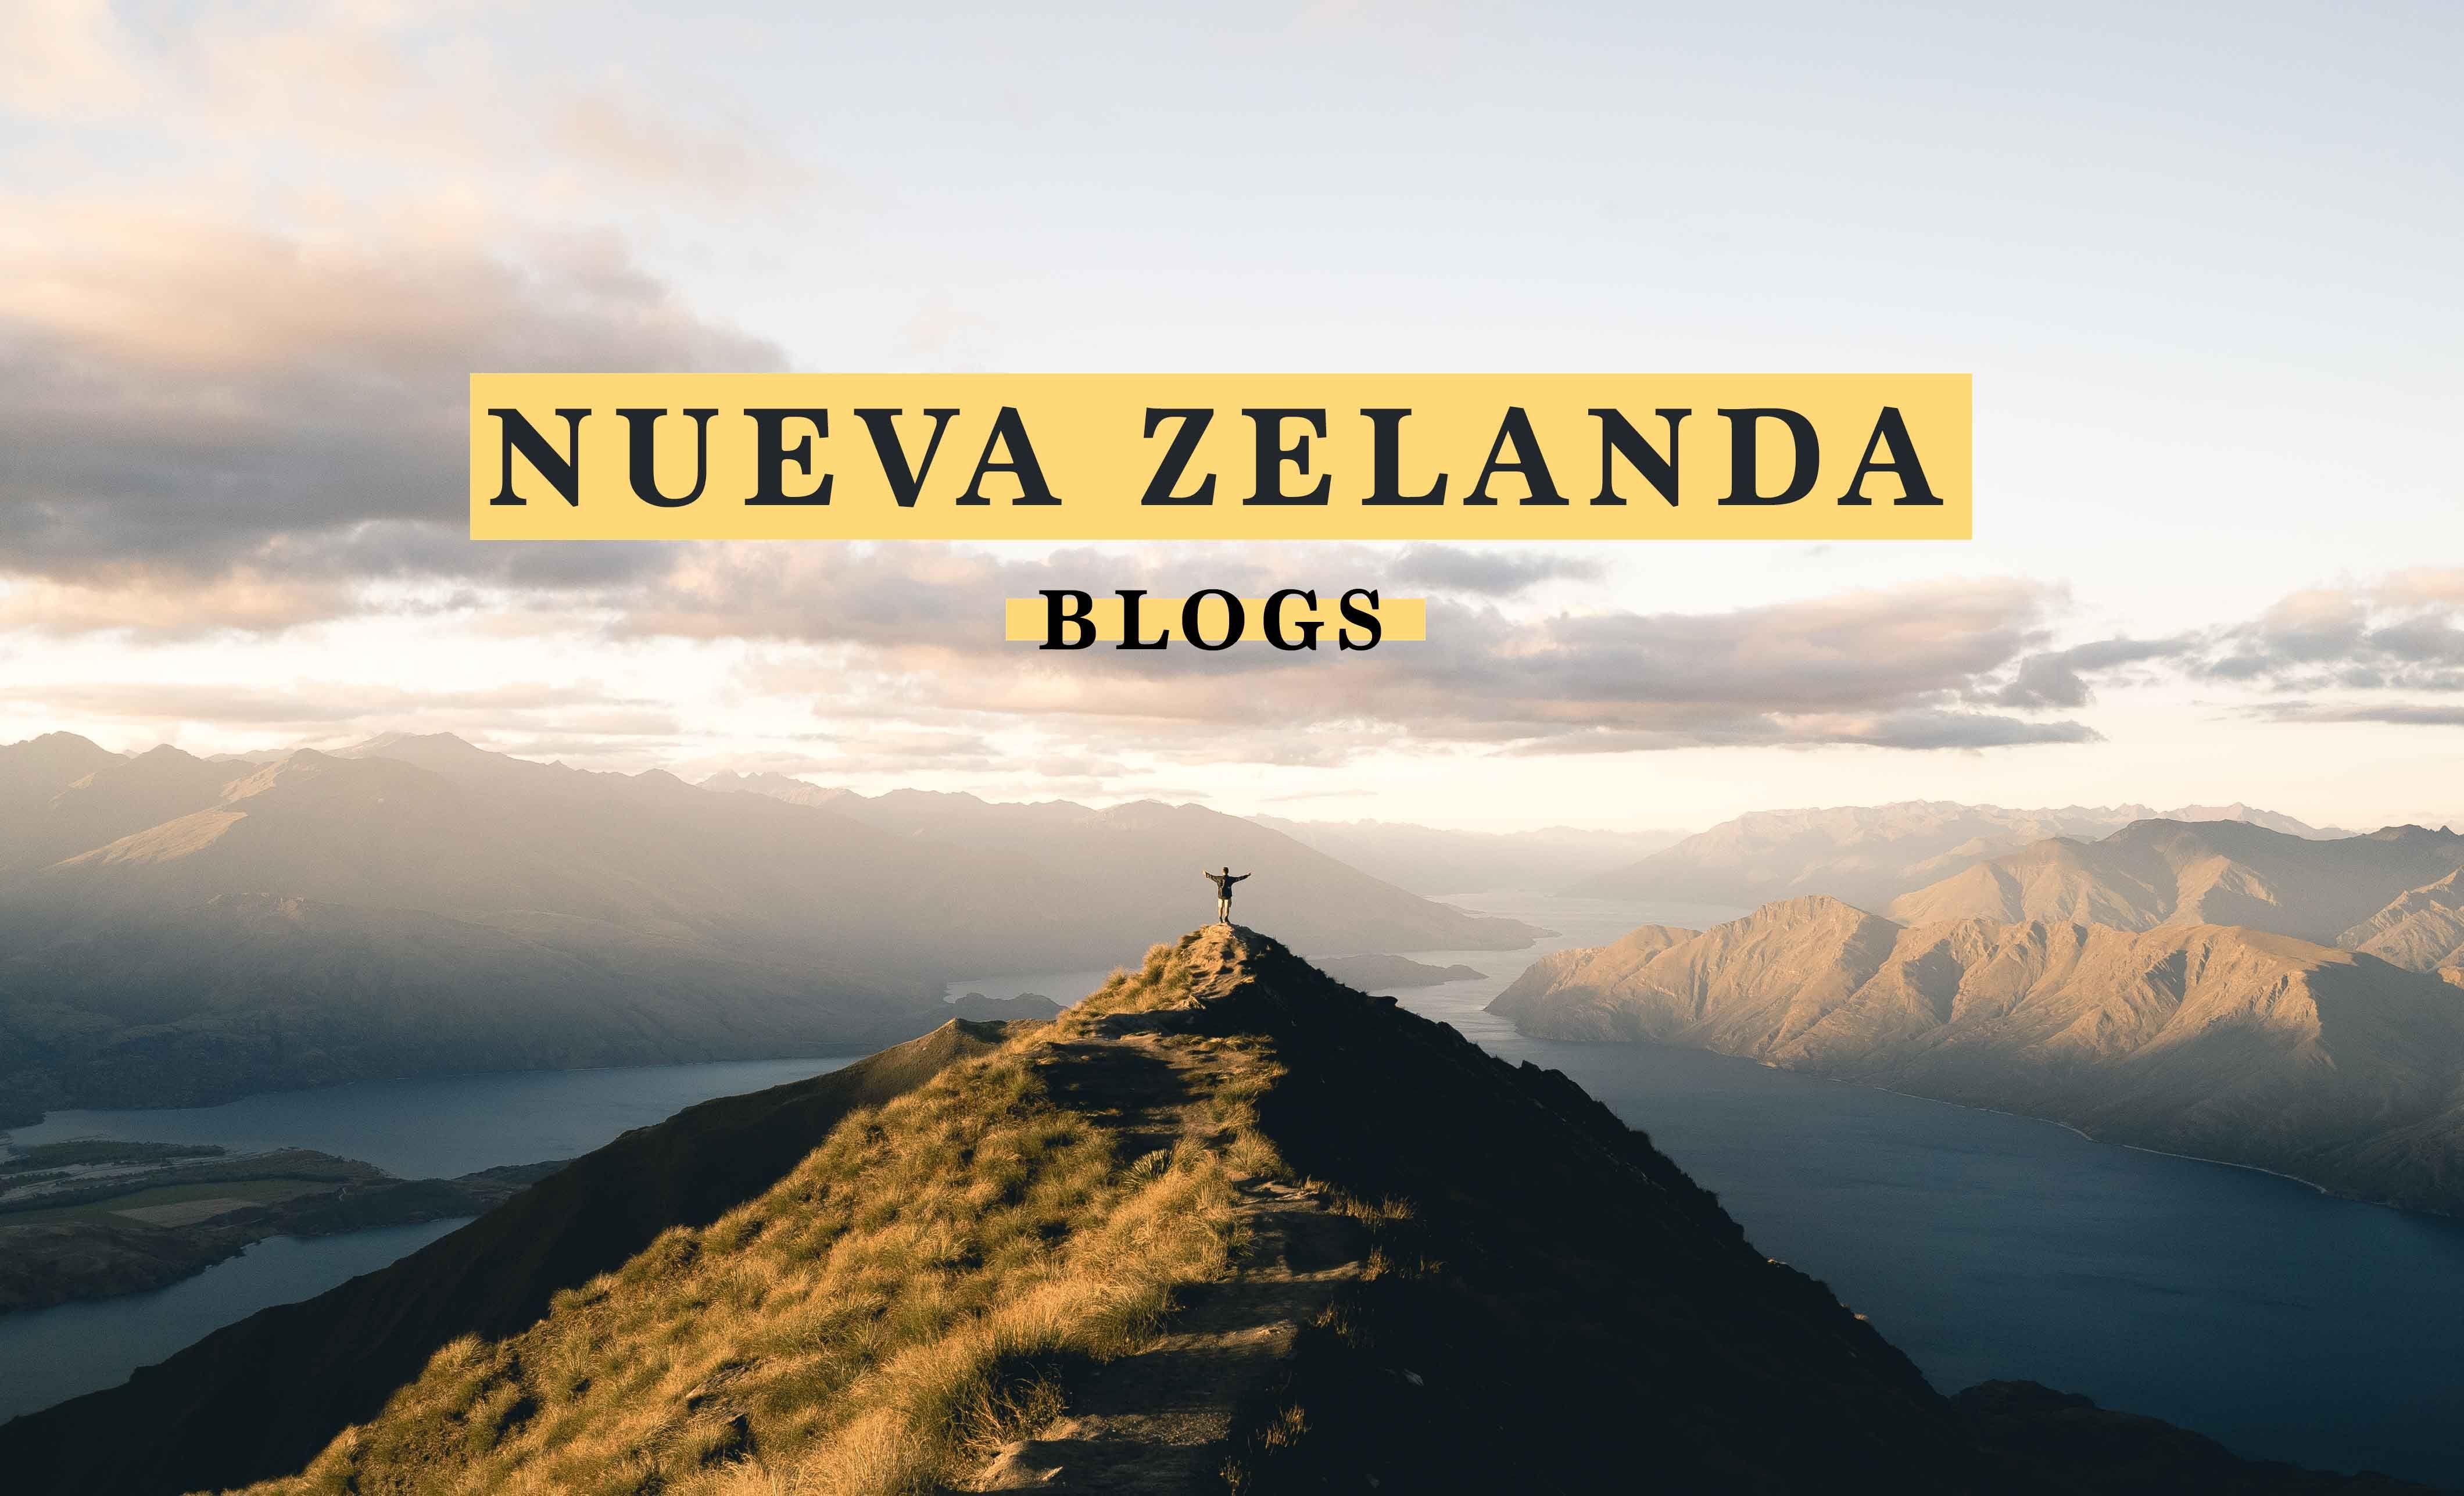 #nuevazelanda #itinerario #viaje #roadtrip #newzealand #furgoneta #15dias